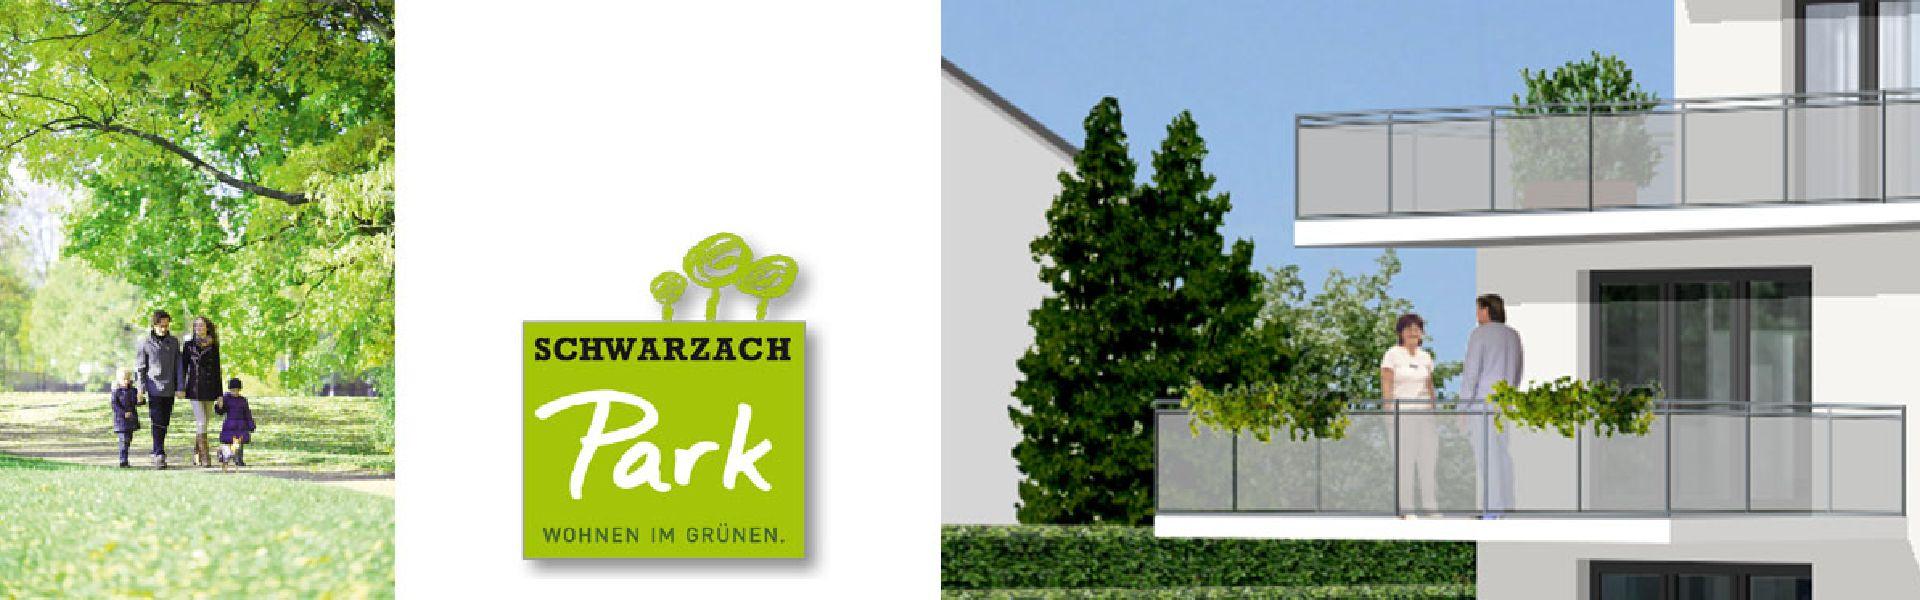 SchwarzachPark